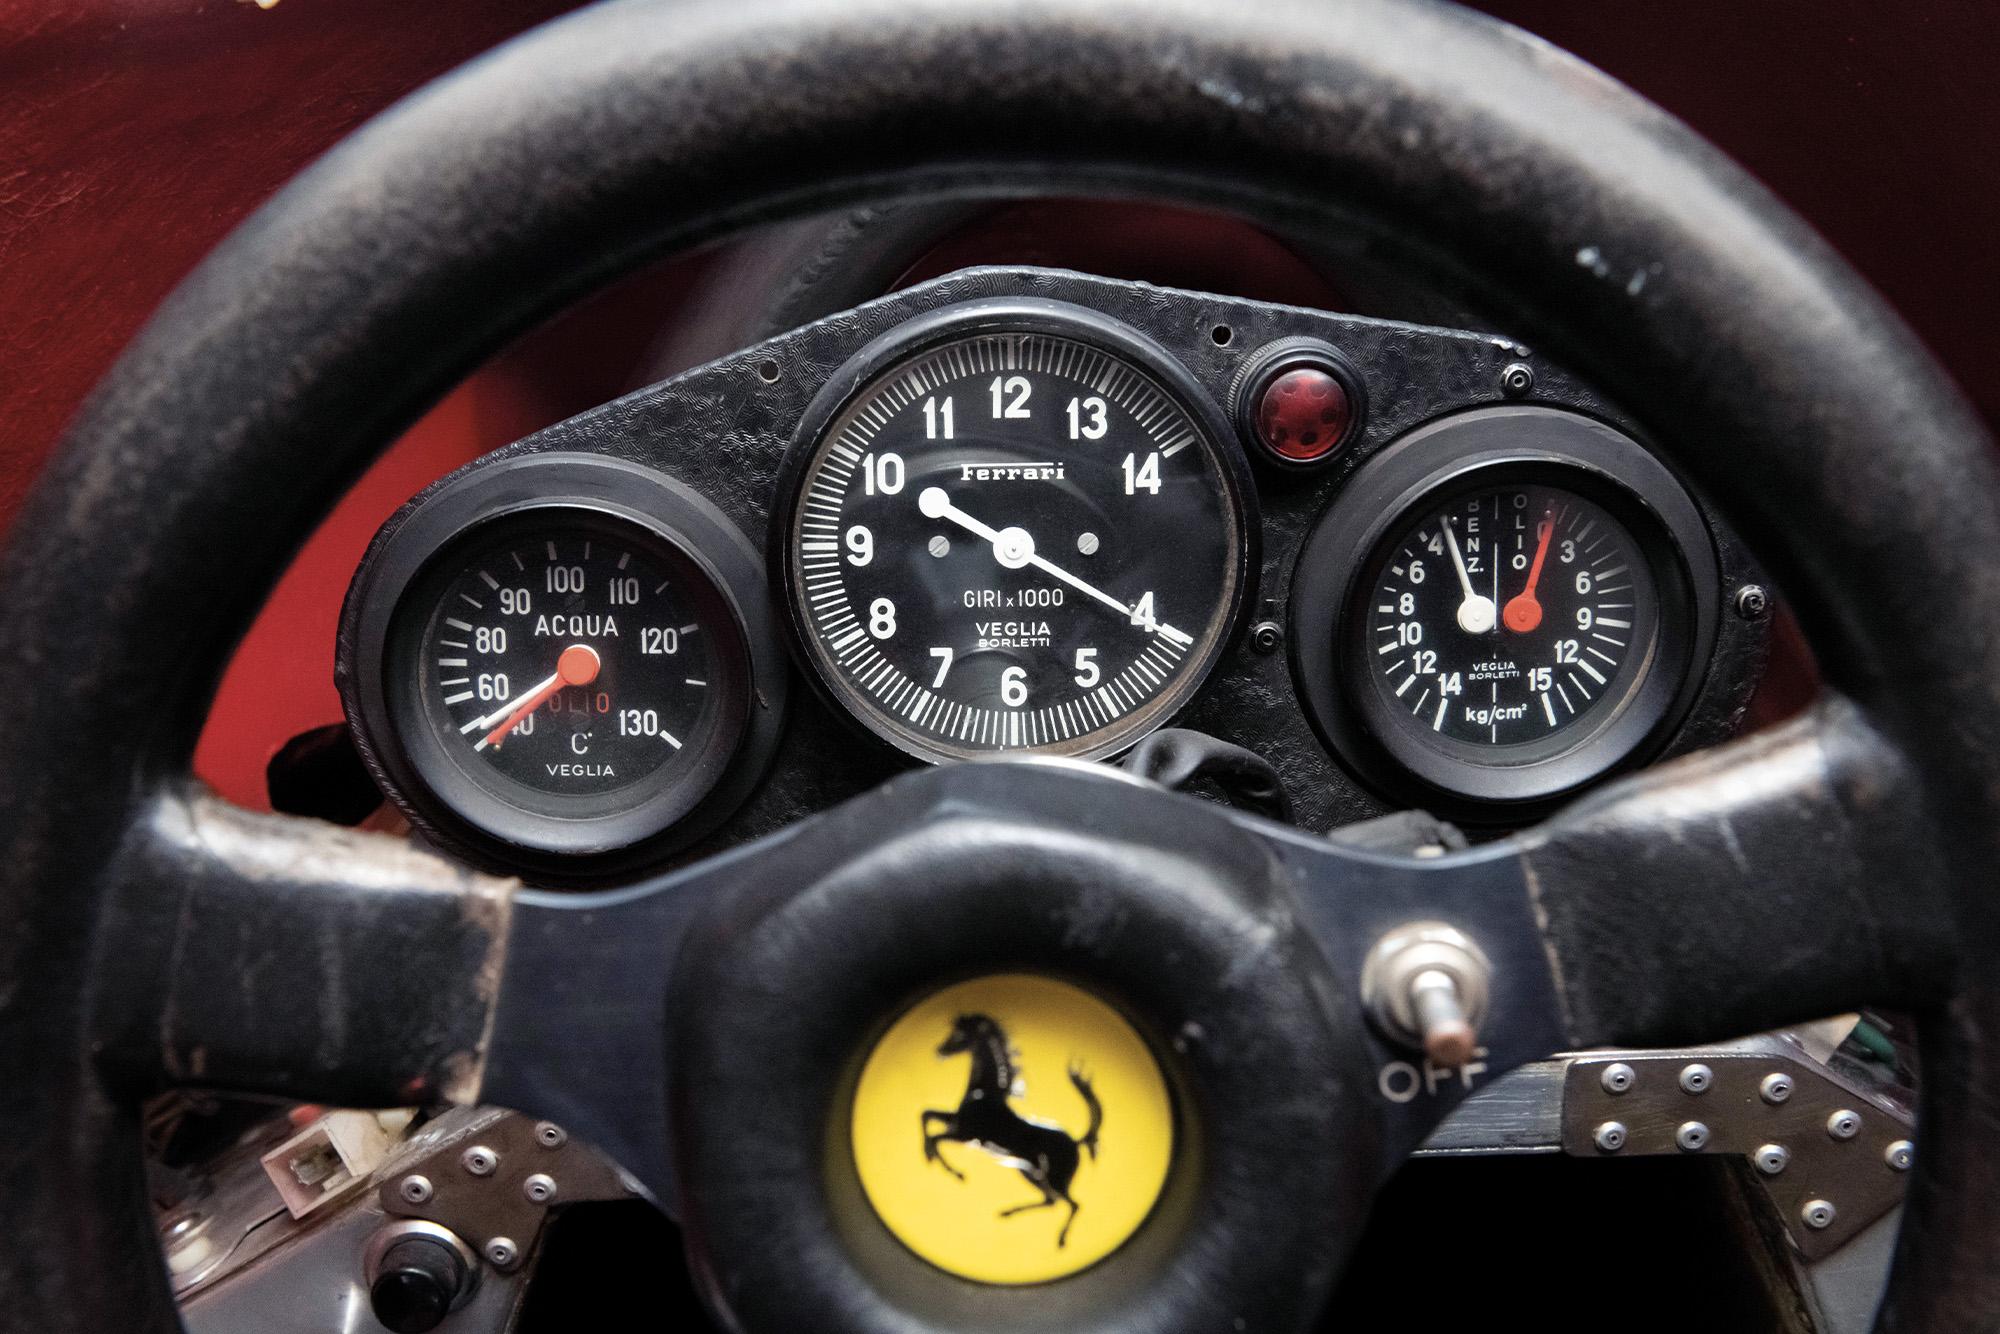 Dials in the cockpit of the Niki Lauda 1975 Ferrari 312T